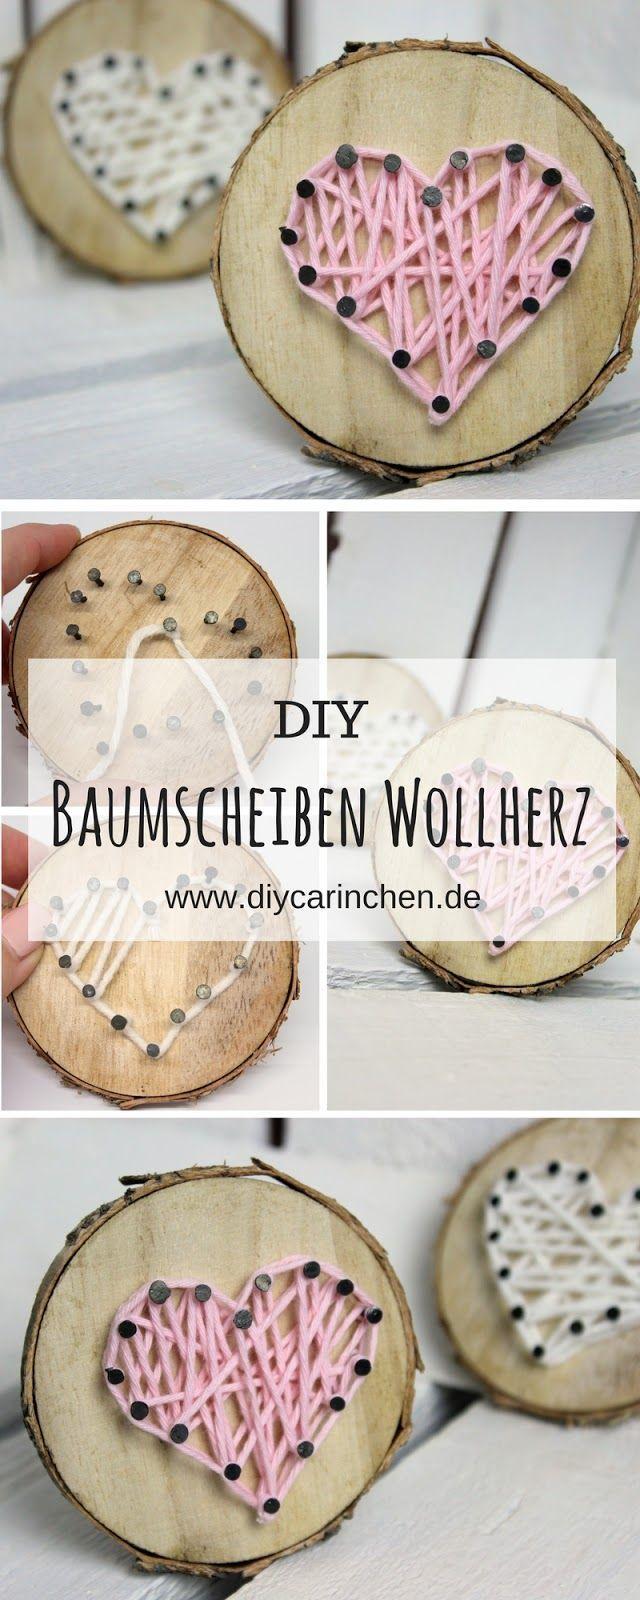 DIY süßes Geschenk zum Valentinstag, Muttertag oder als Deko: Baumscheibe mit Herz in String …